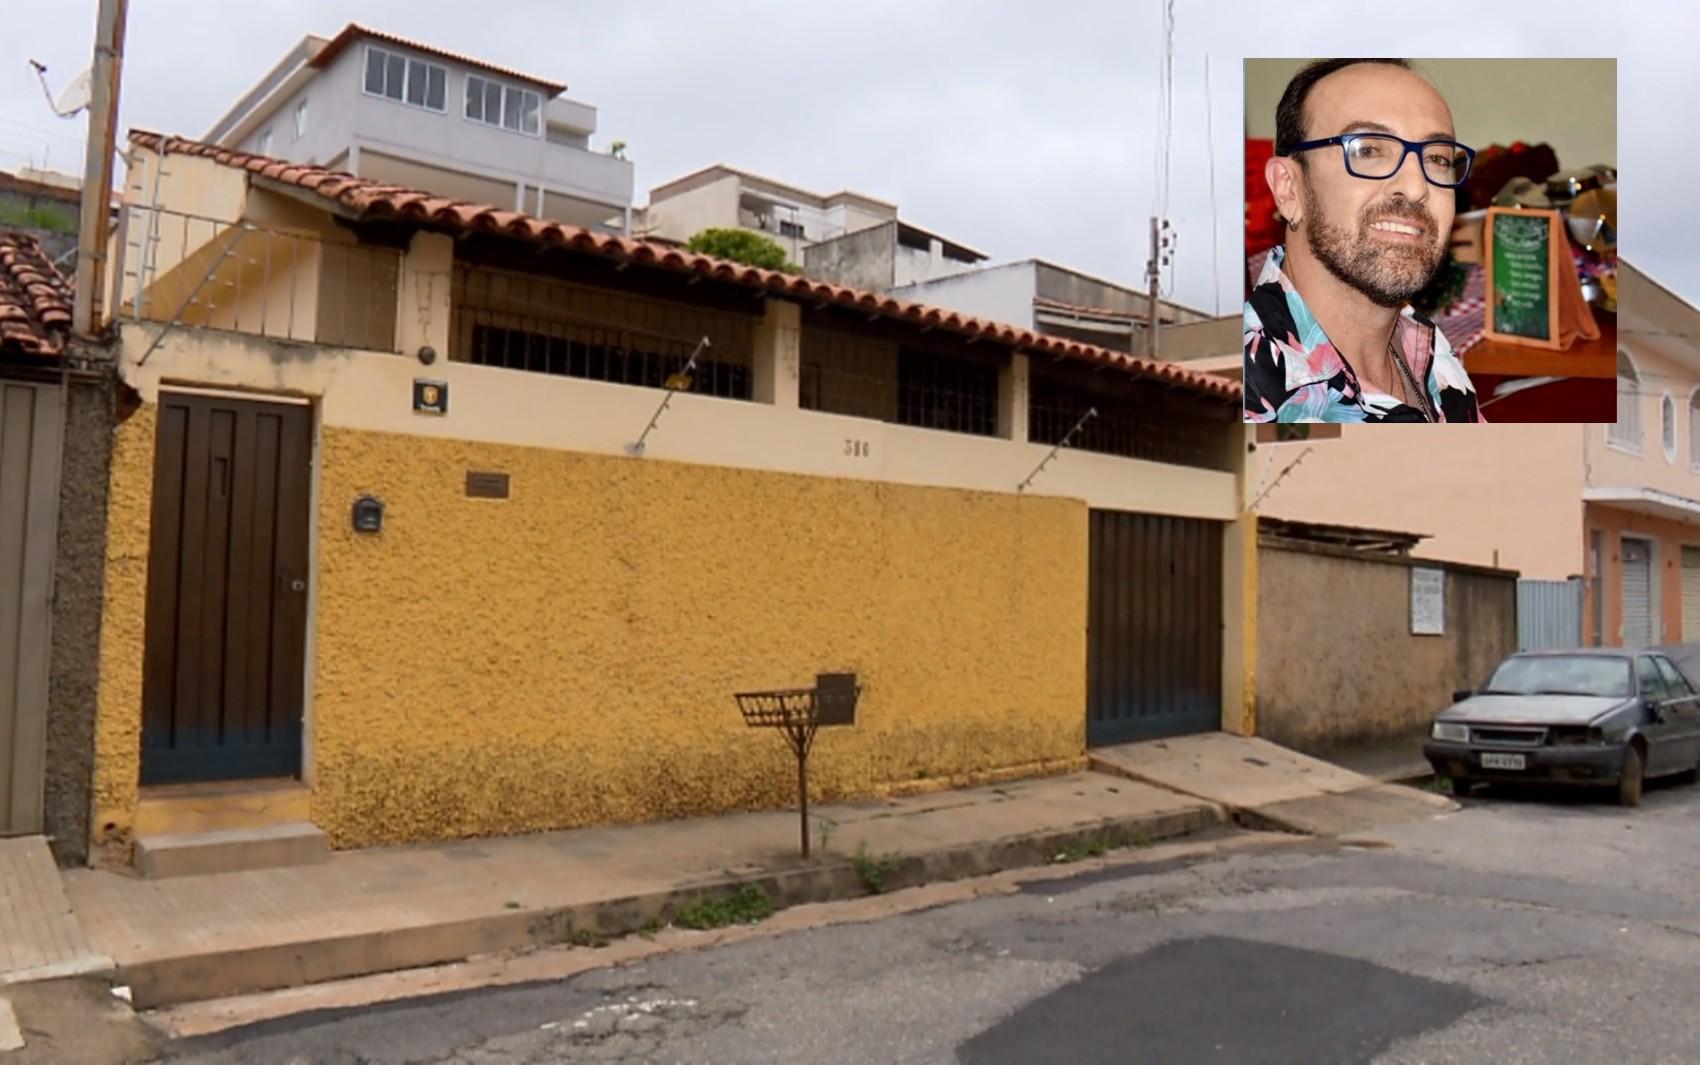 Casa em que professor foi encontrado morto em MG não tinha sinais de arrombamento, diz PM